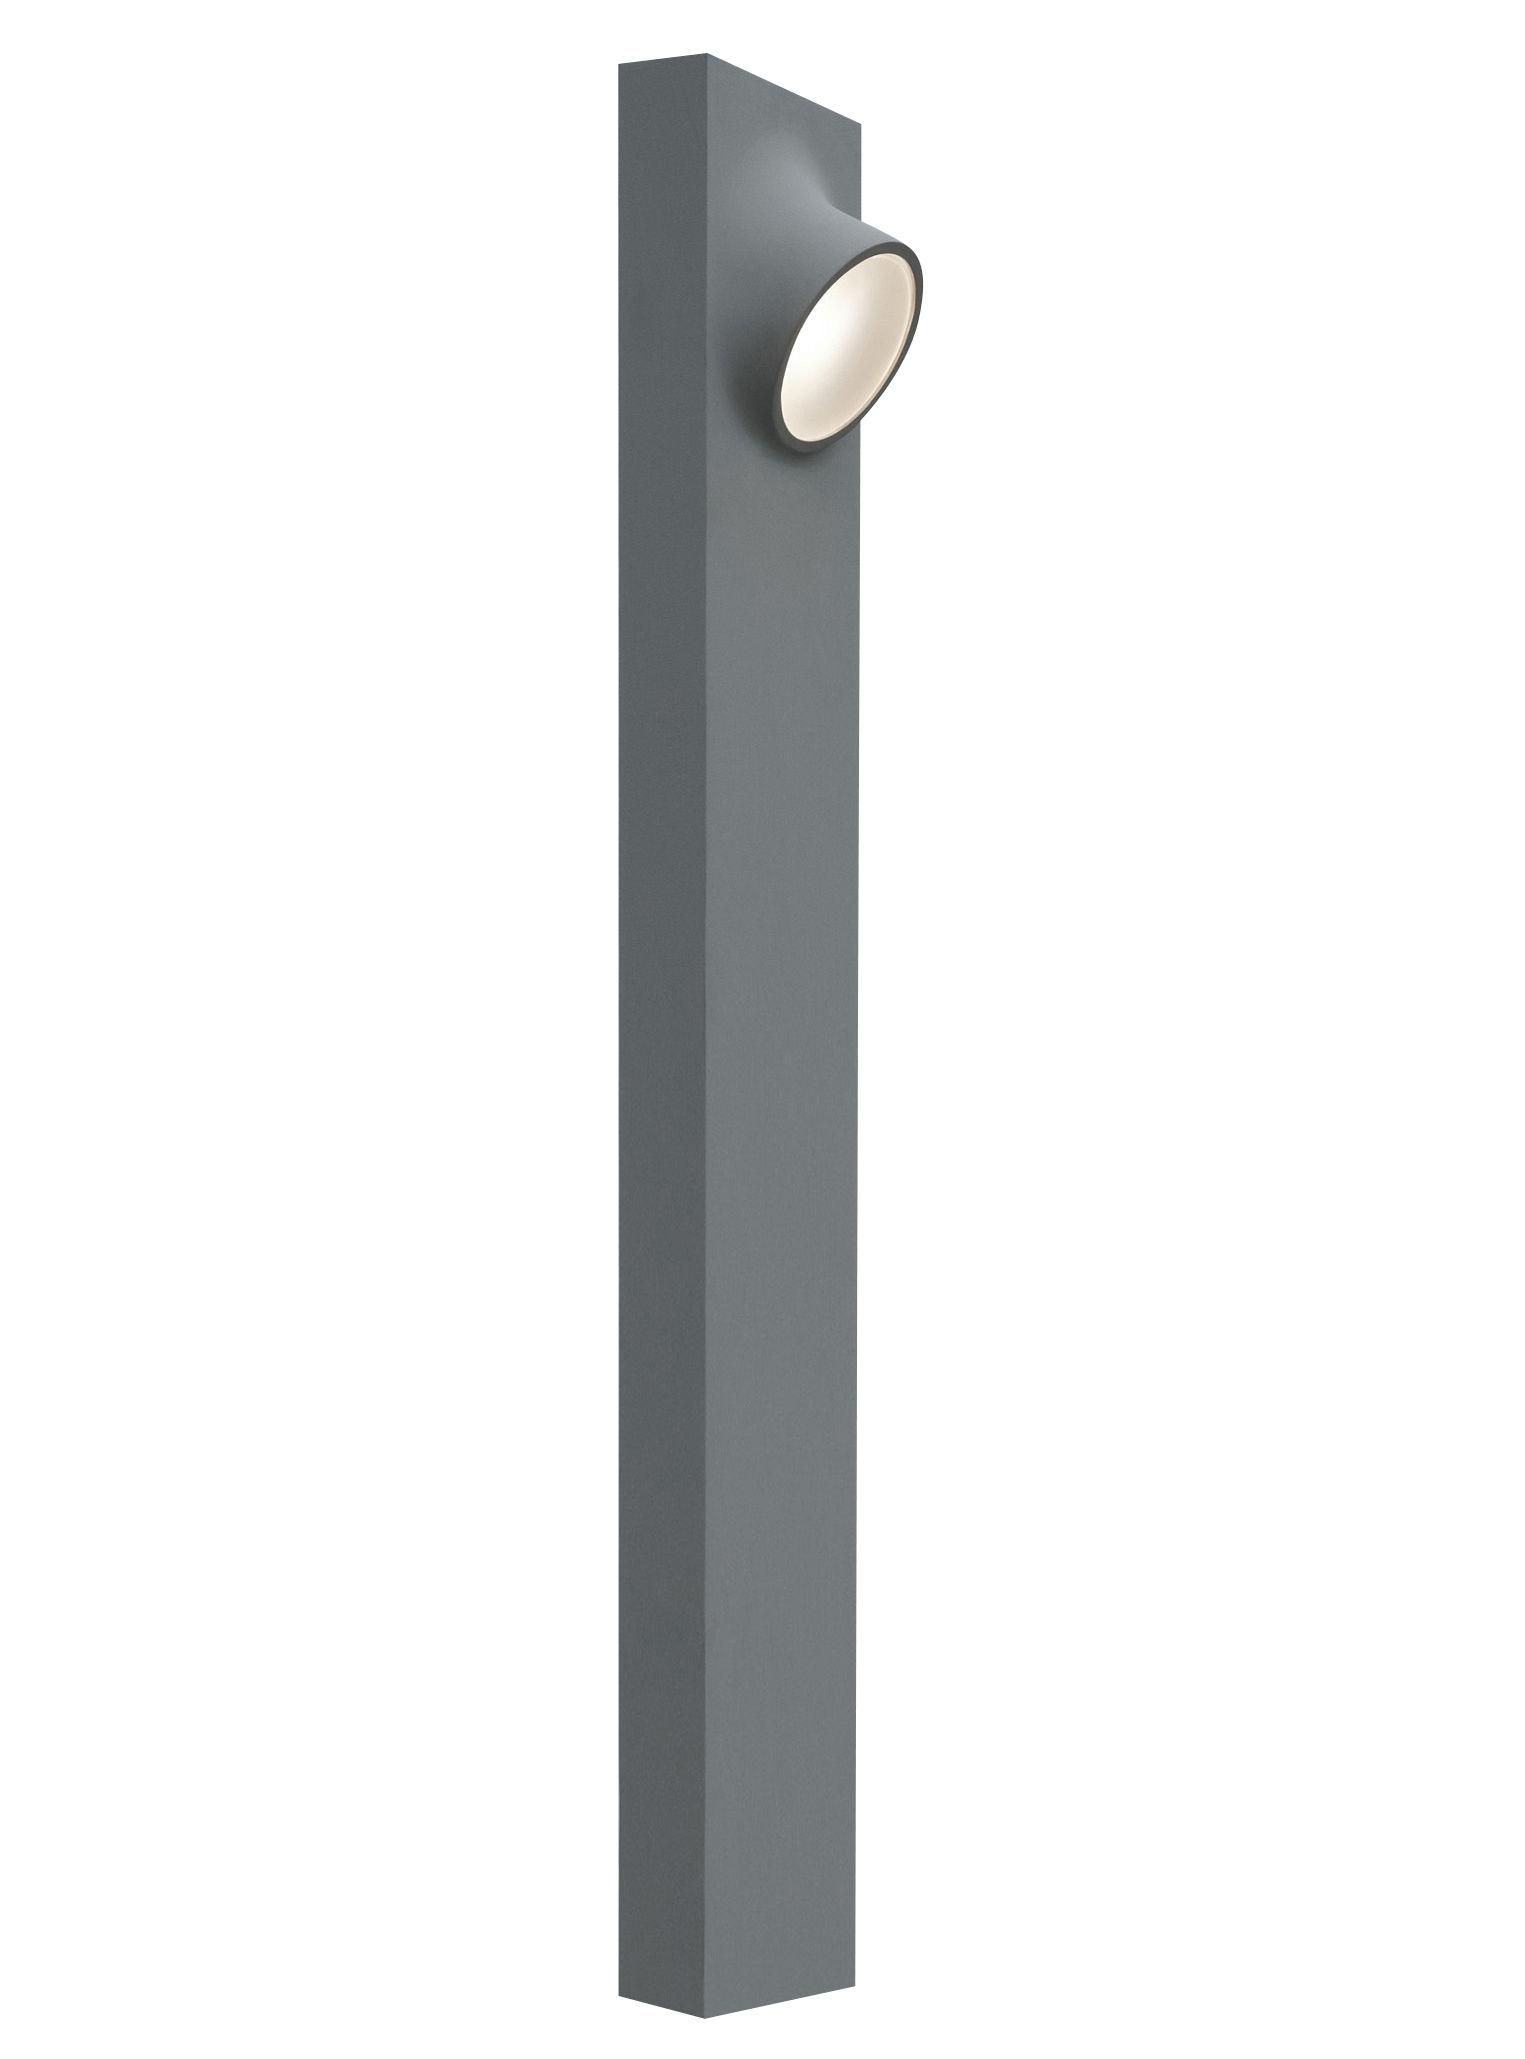 Luminaire - Luminaires d'extérieur - Lampadaire Ciclope Double LED / extérieur - H 90 cm - Artemide - Gris - H 90 cm - Aluminium galvanisé